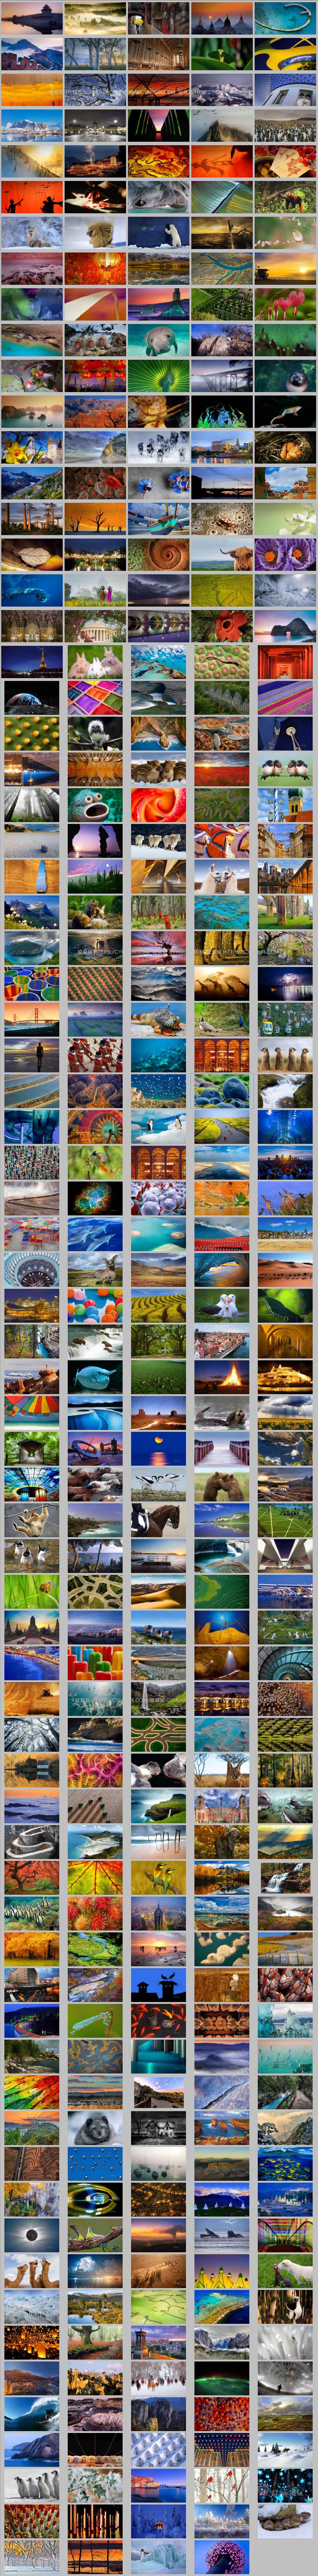 2012 年微软 Bing 必应壁纸图片 共359张 打包下载-垃圾站